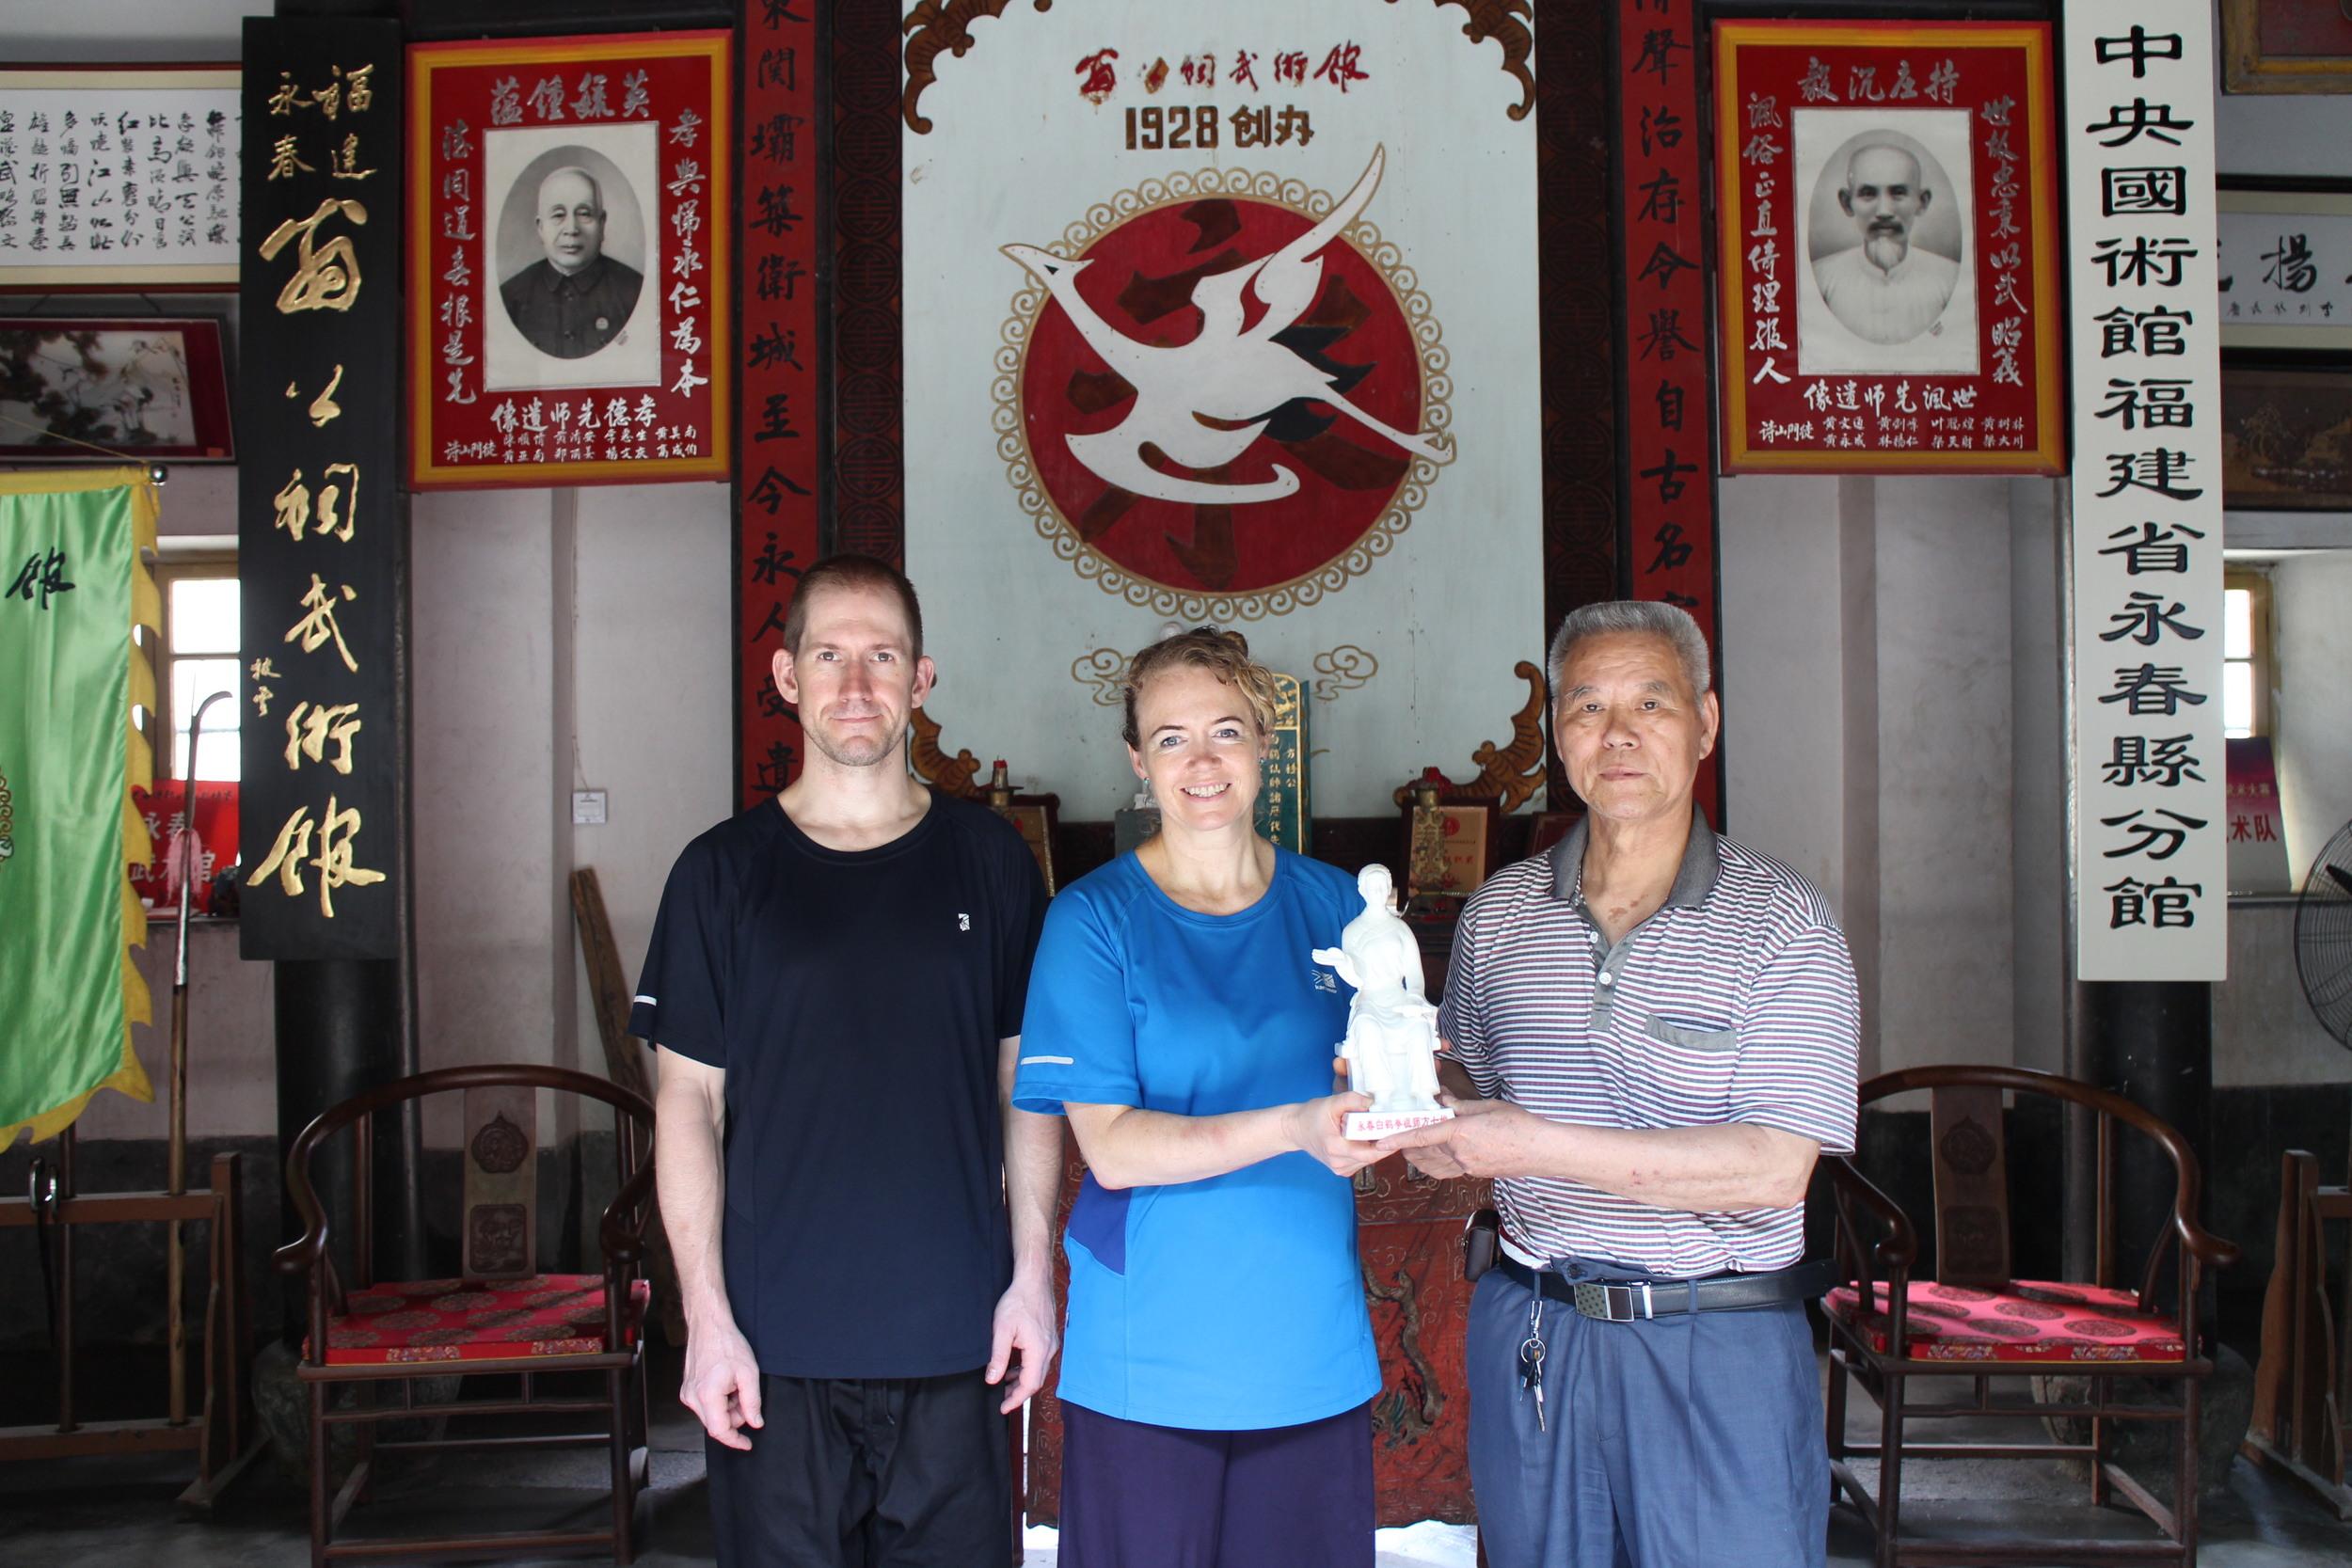 With Master Pan Cheng Miao in Yong Chun